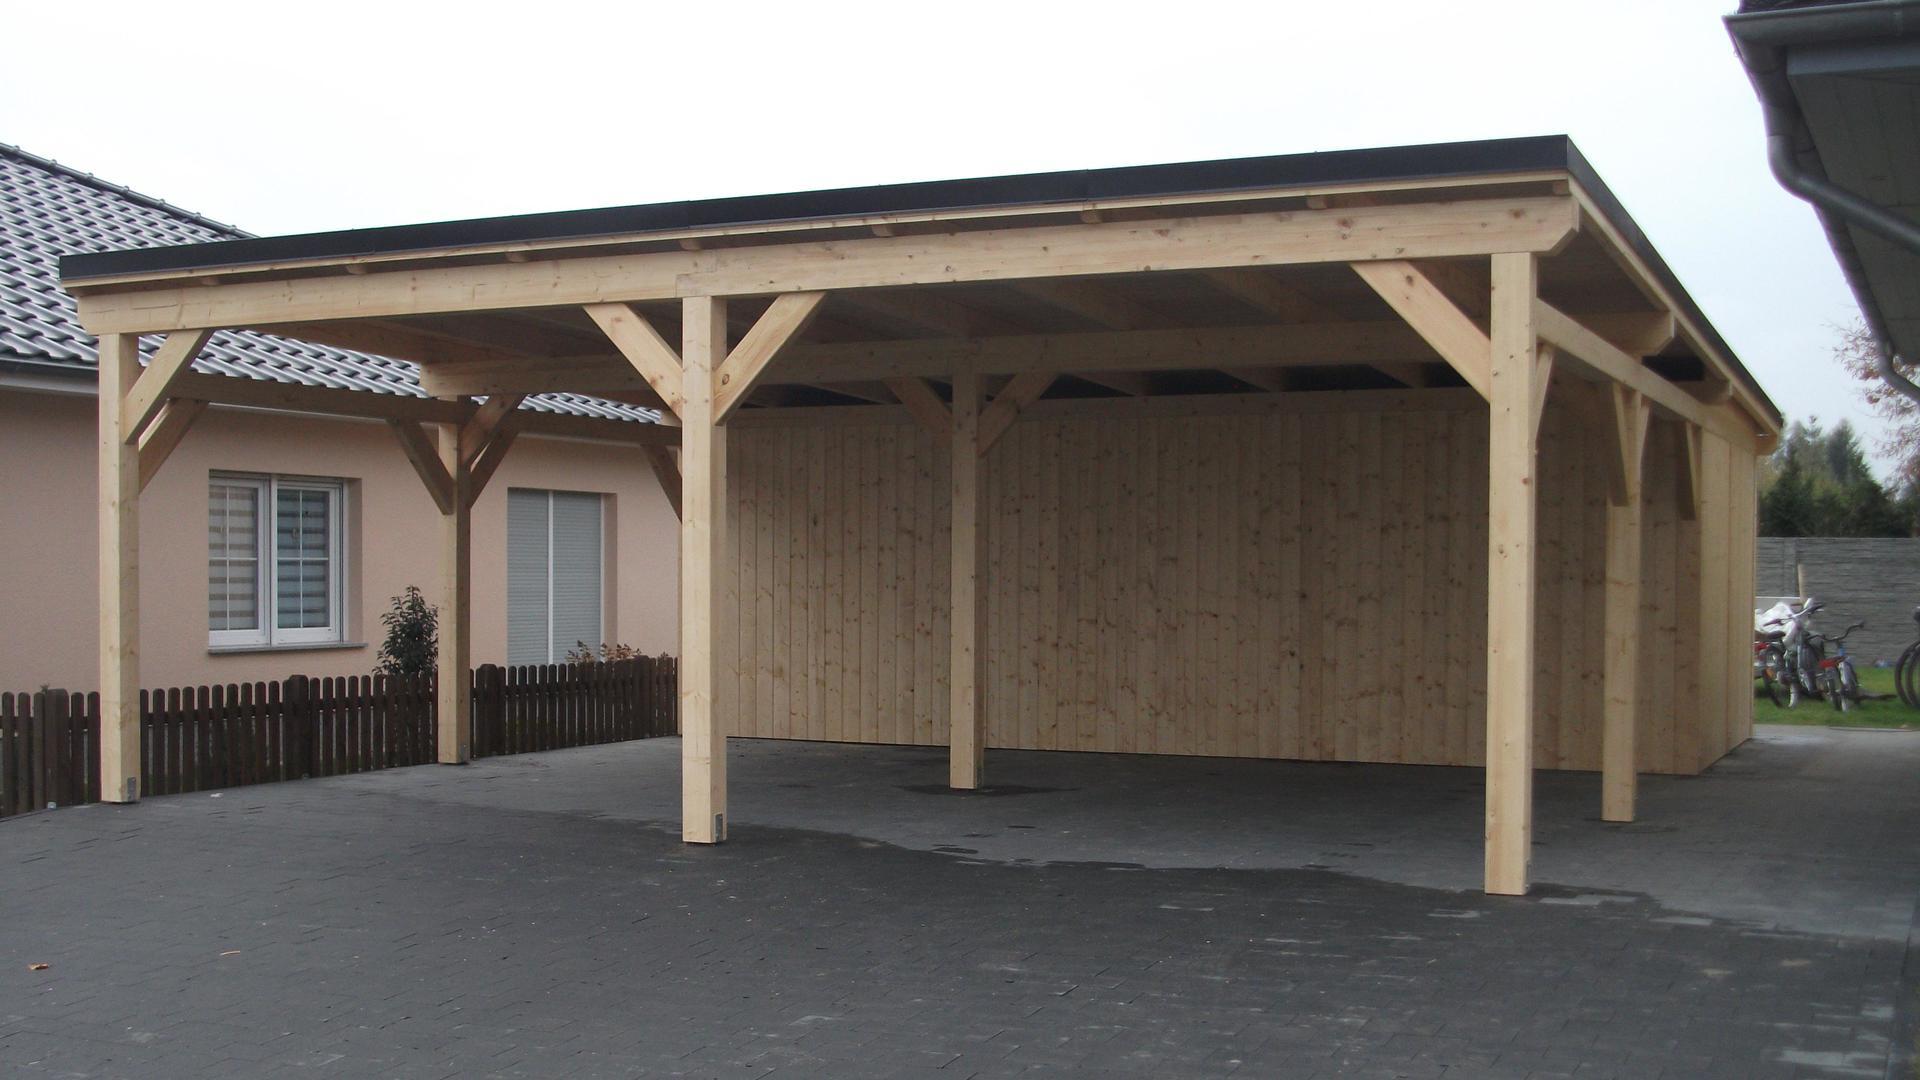 Projekte - Carport aus Polen, Überdachung, Polnische Holzprodukte ...